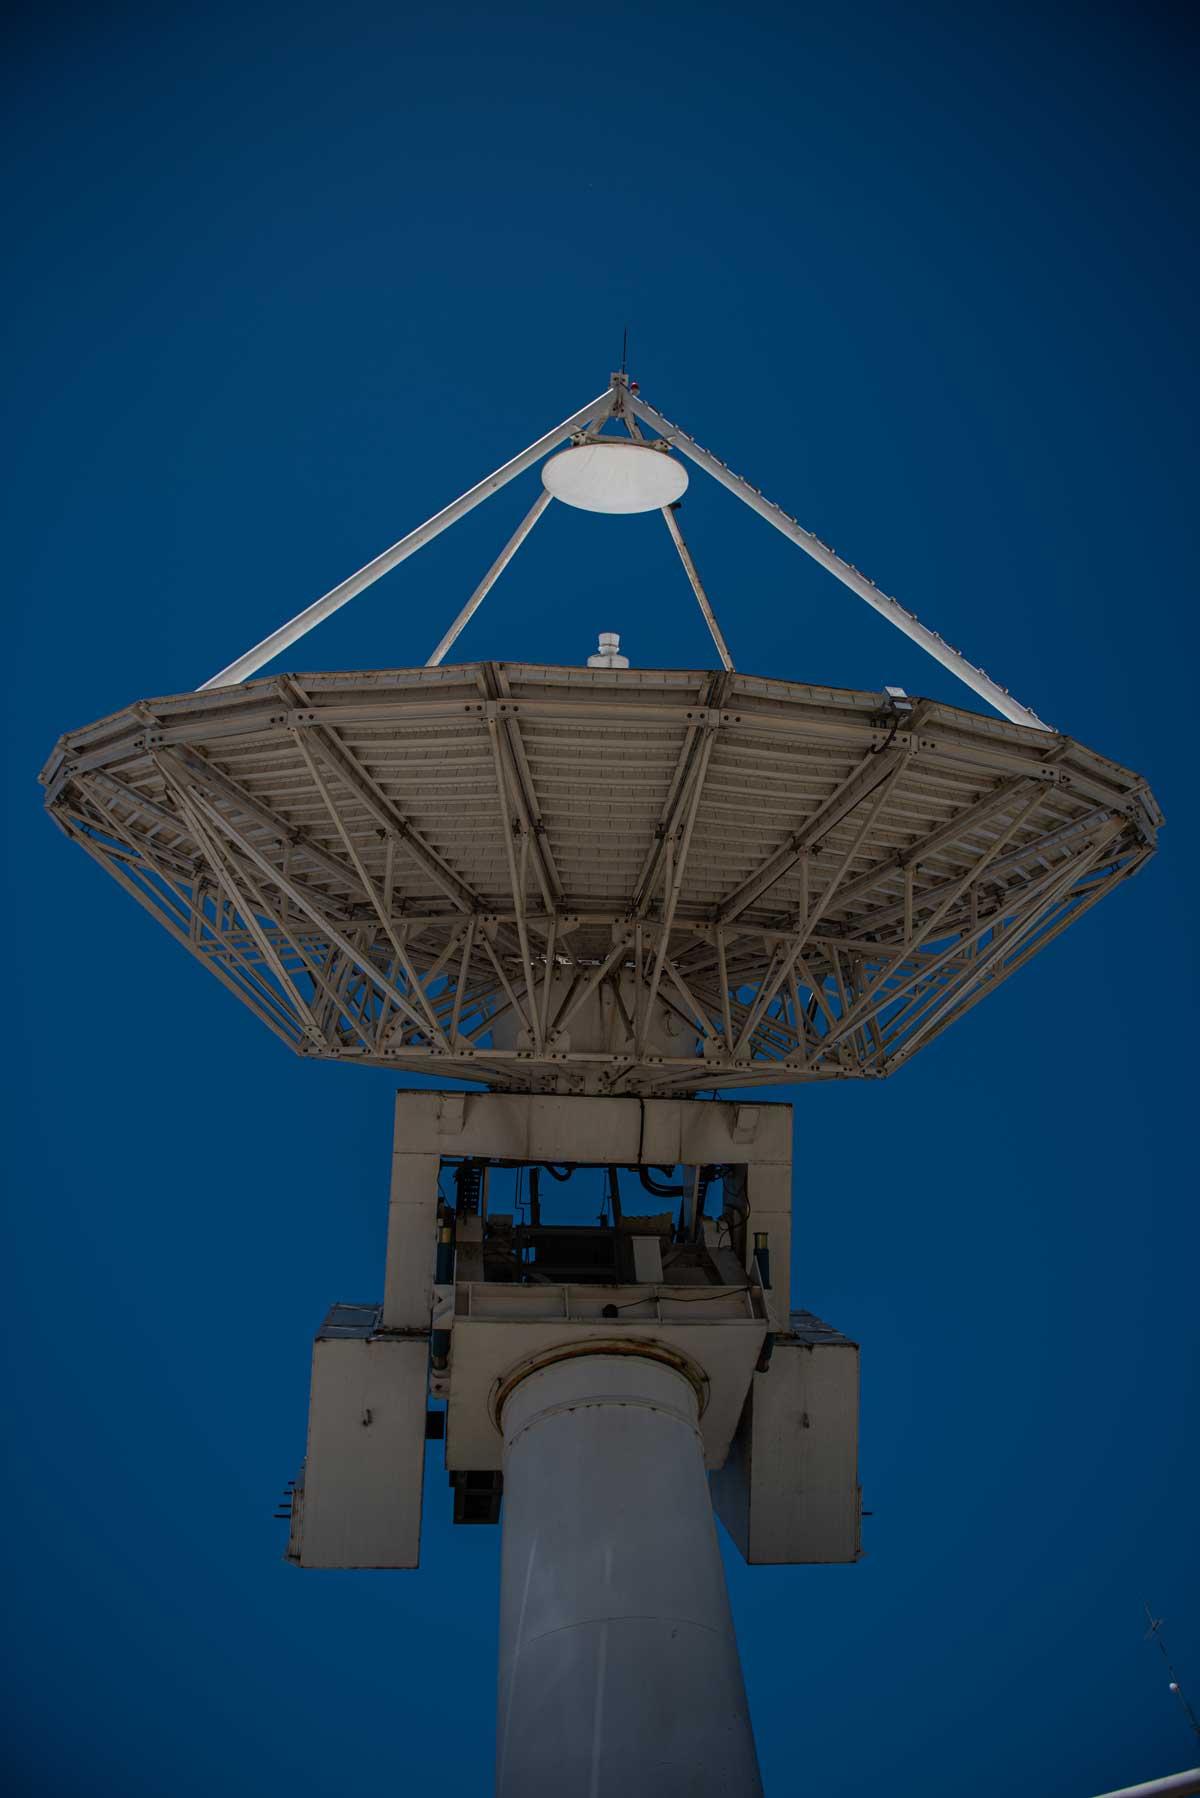 Una gran antena satelital, vista desde abajo, que apunta hacia el cielo donde están el Arsat 1 y 2, para brindar servicio.